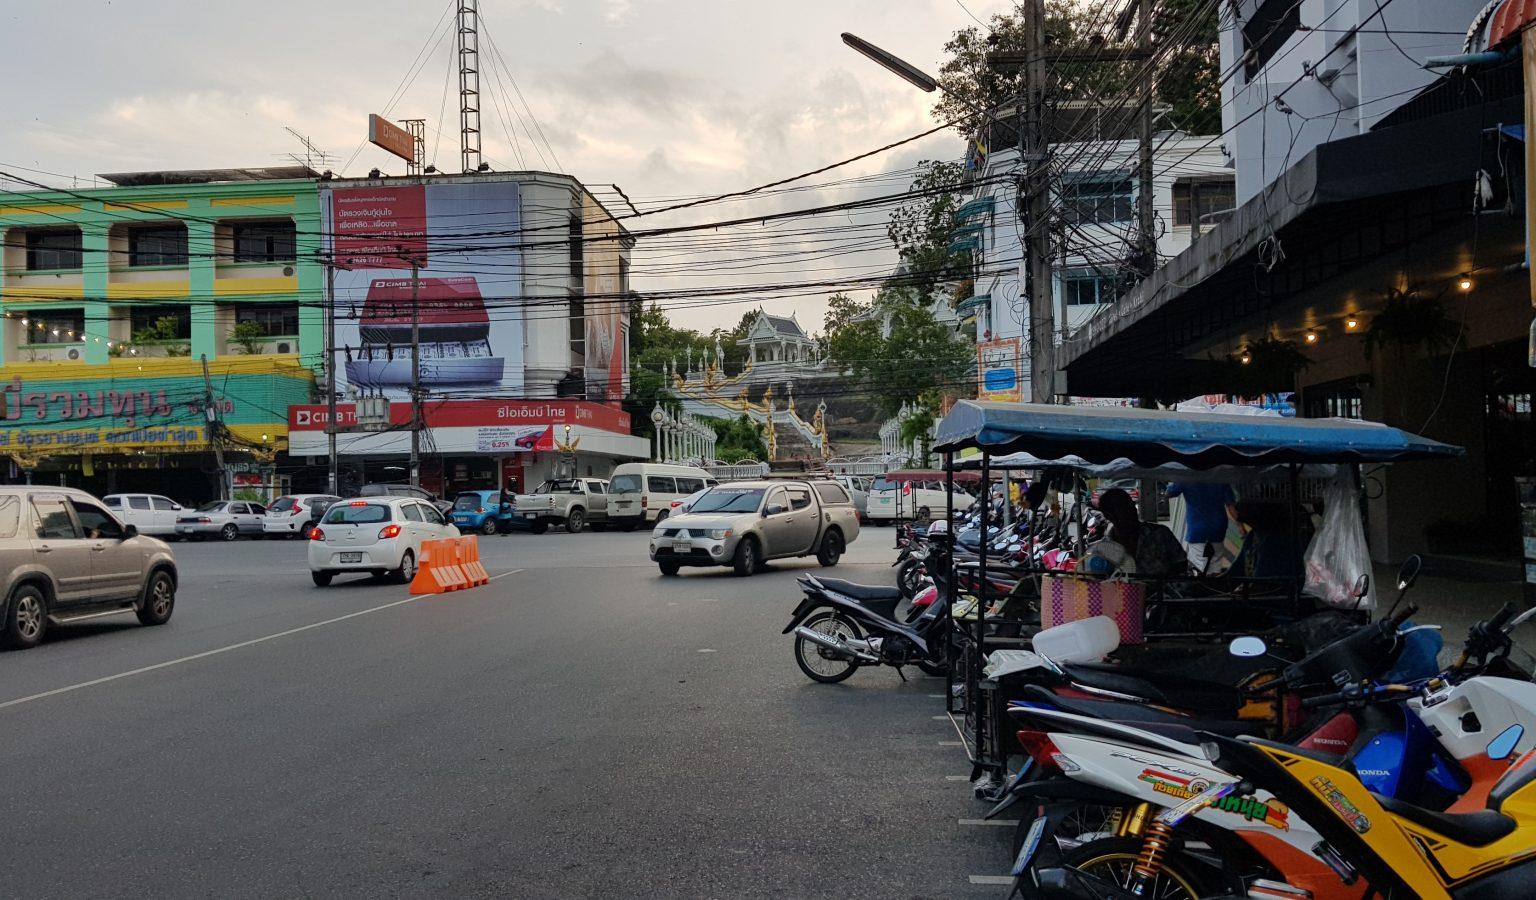 Straatbeeld met scooters en auto's met een witte tempel op de achtergrond.